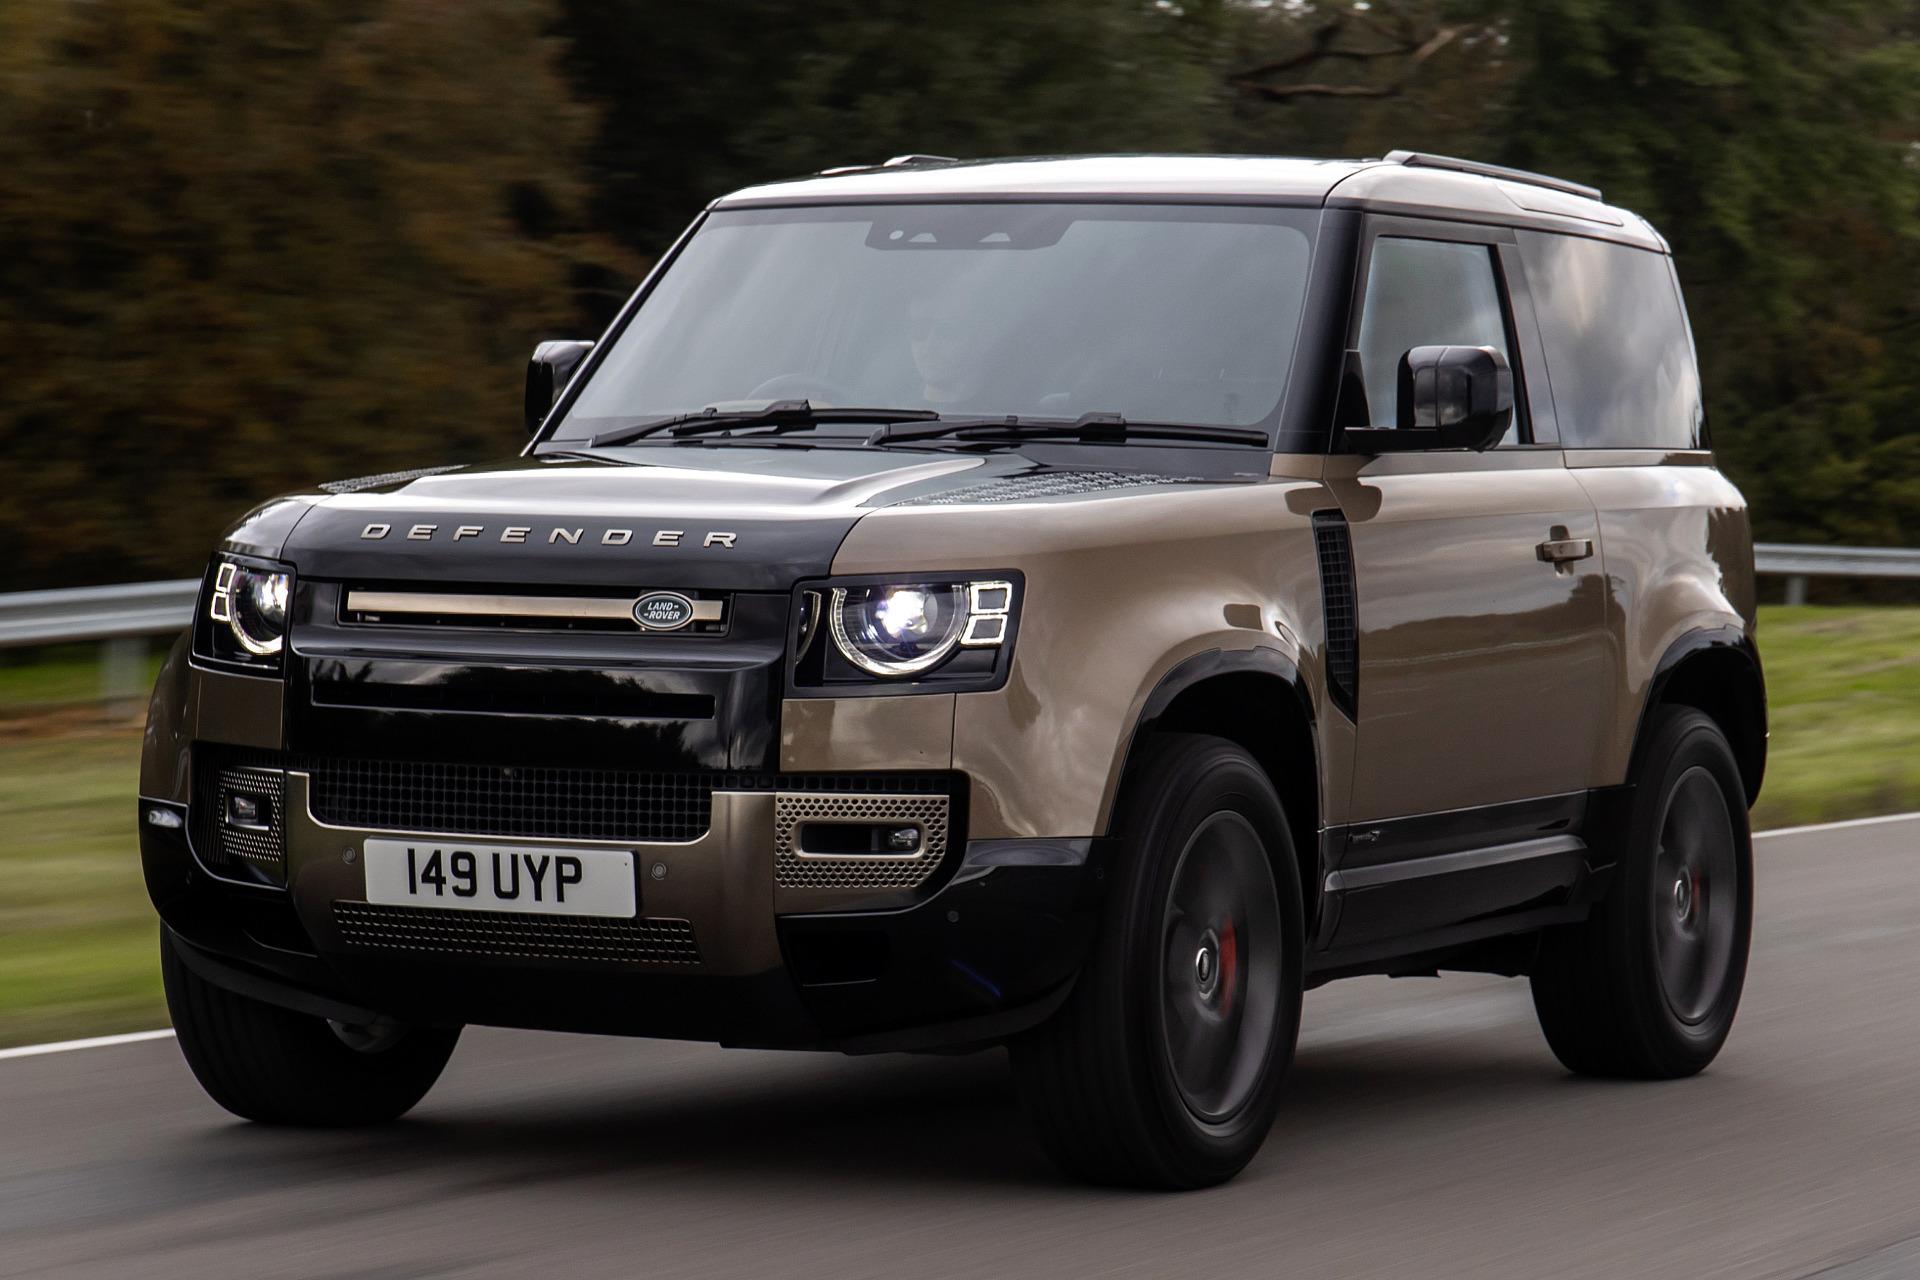 Exclusivo: Land Rover Defender 90 será lançado em breve no ...